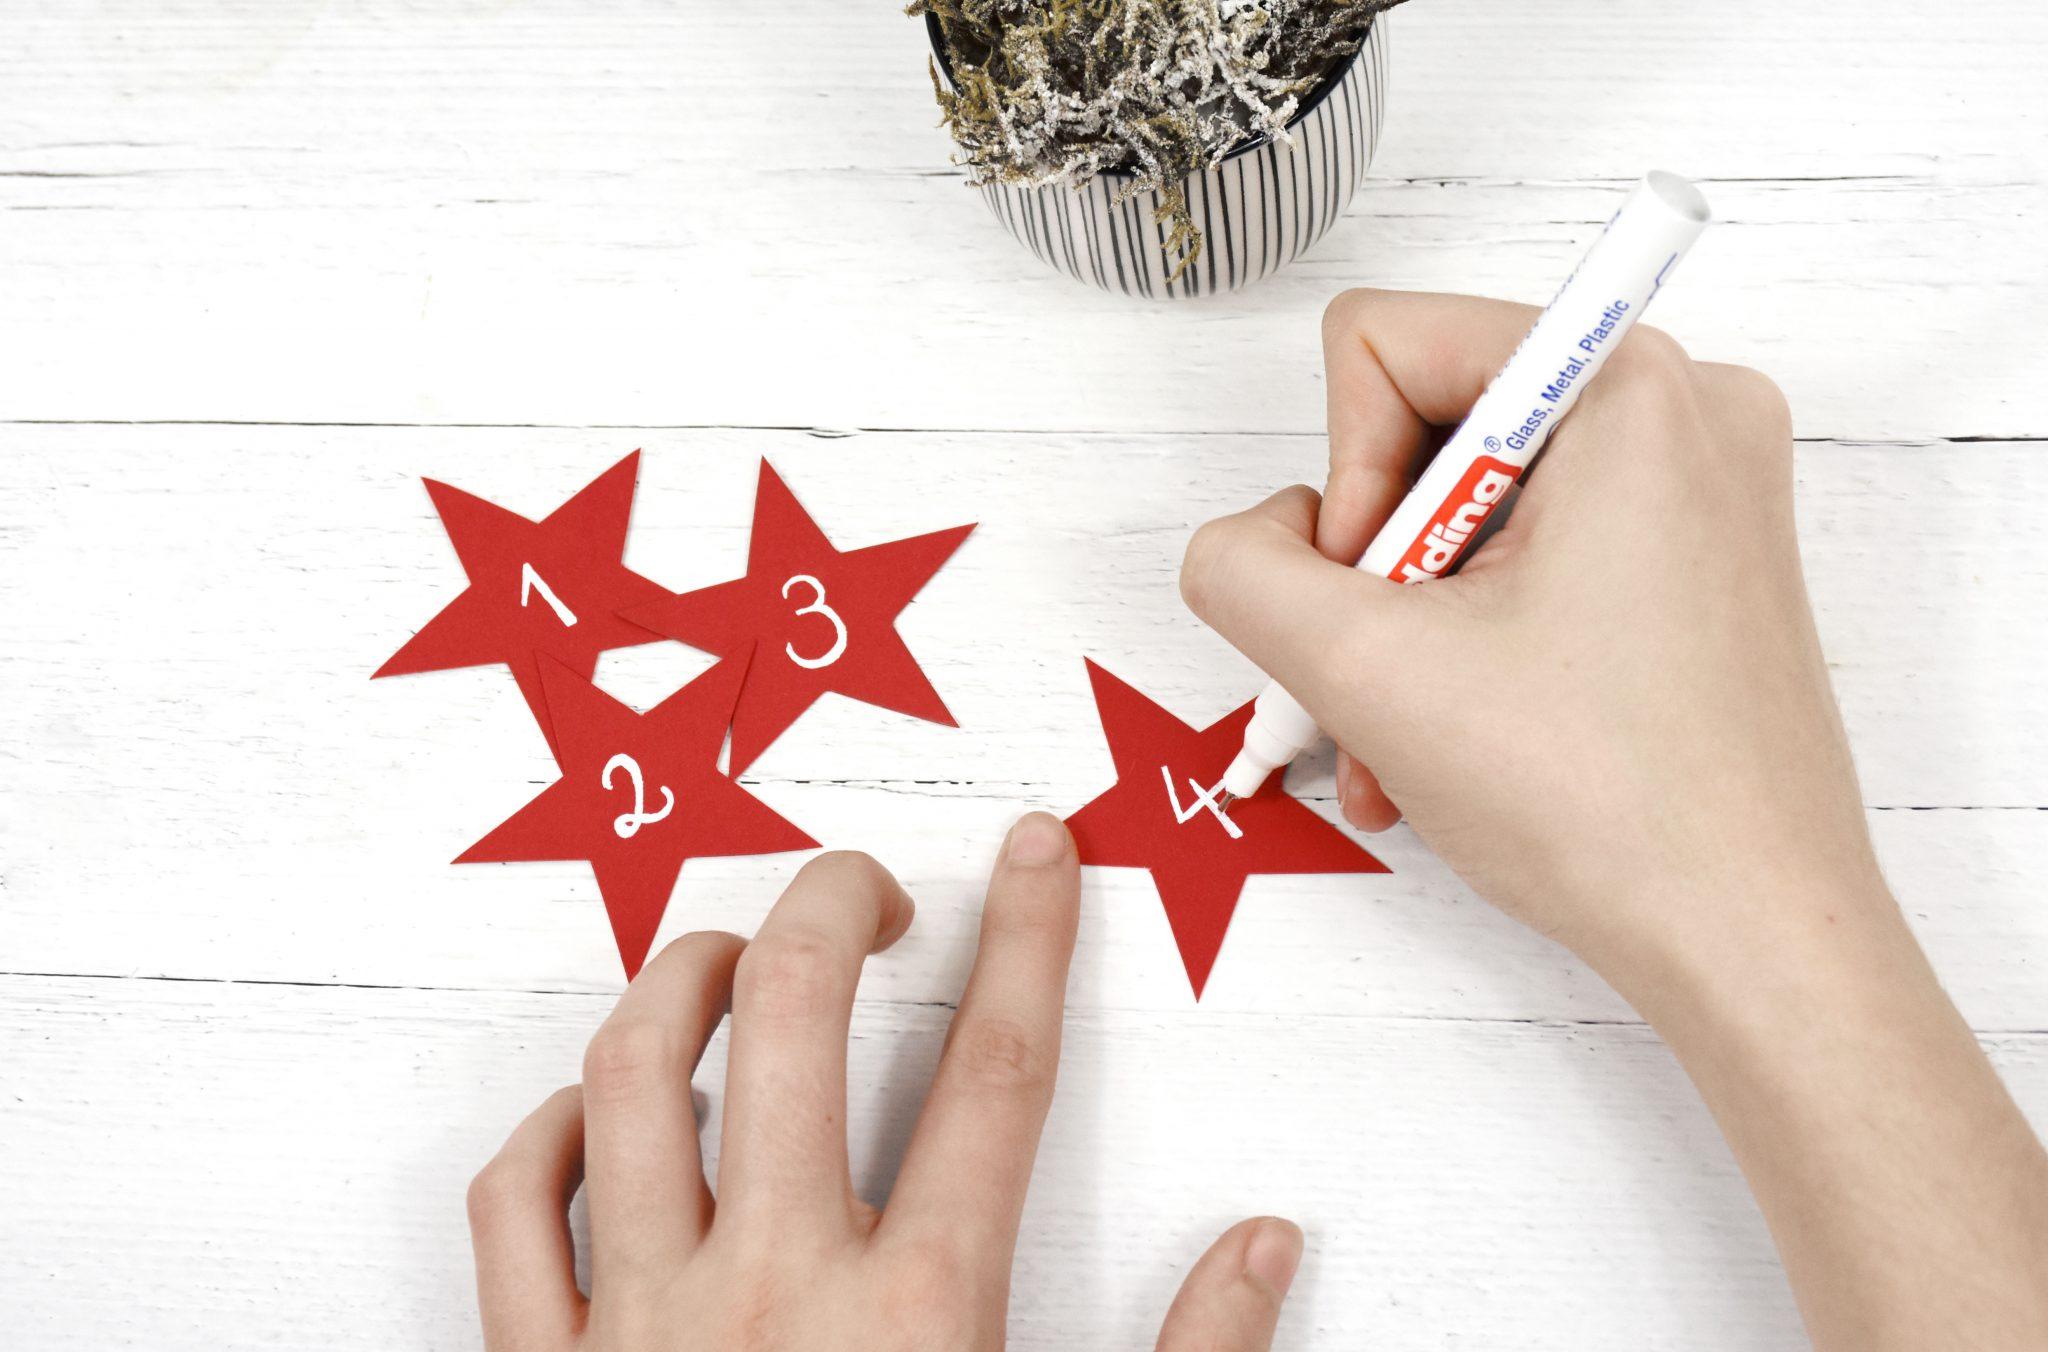 Schritt 5: Beschriften der Sterne mit den Zahlen von eins bis vier